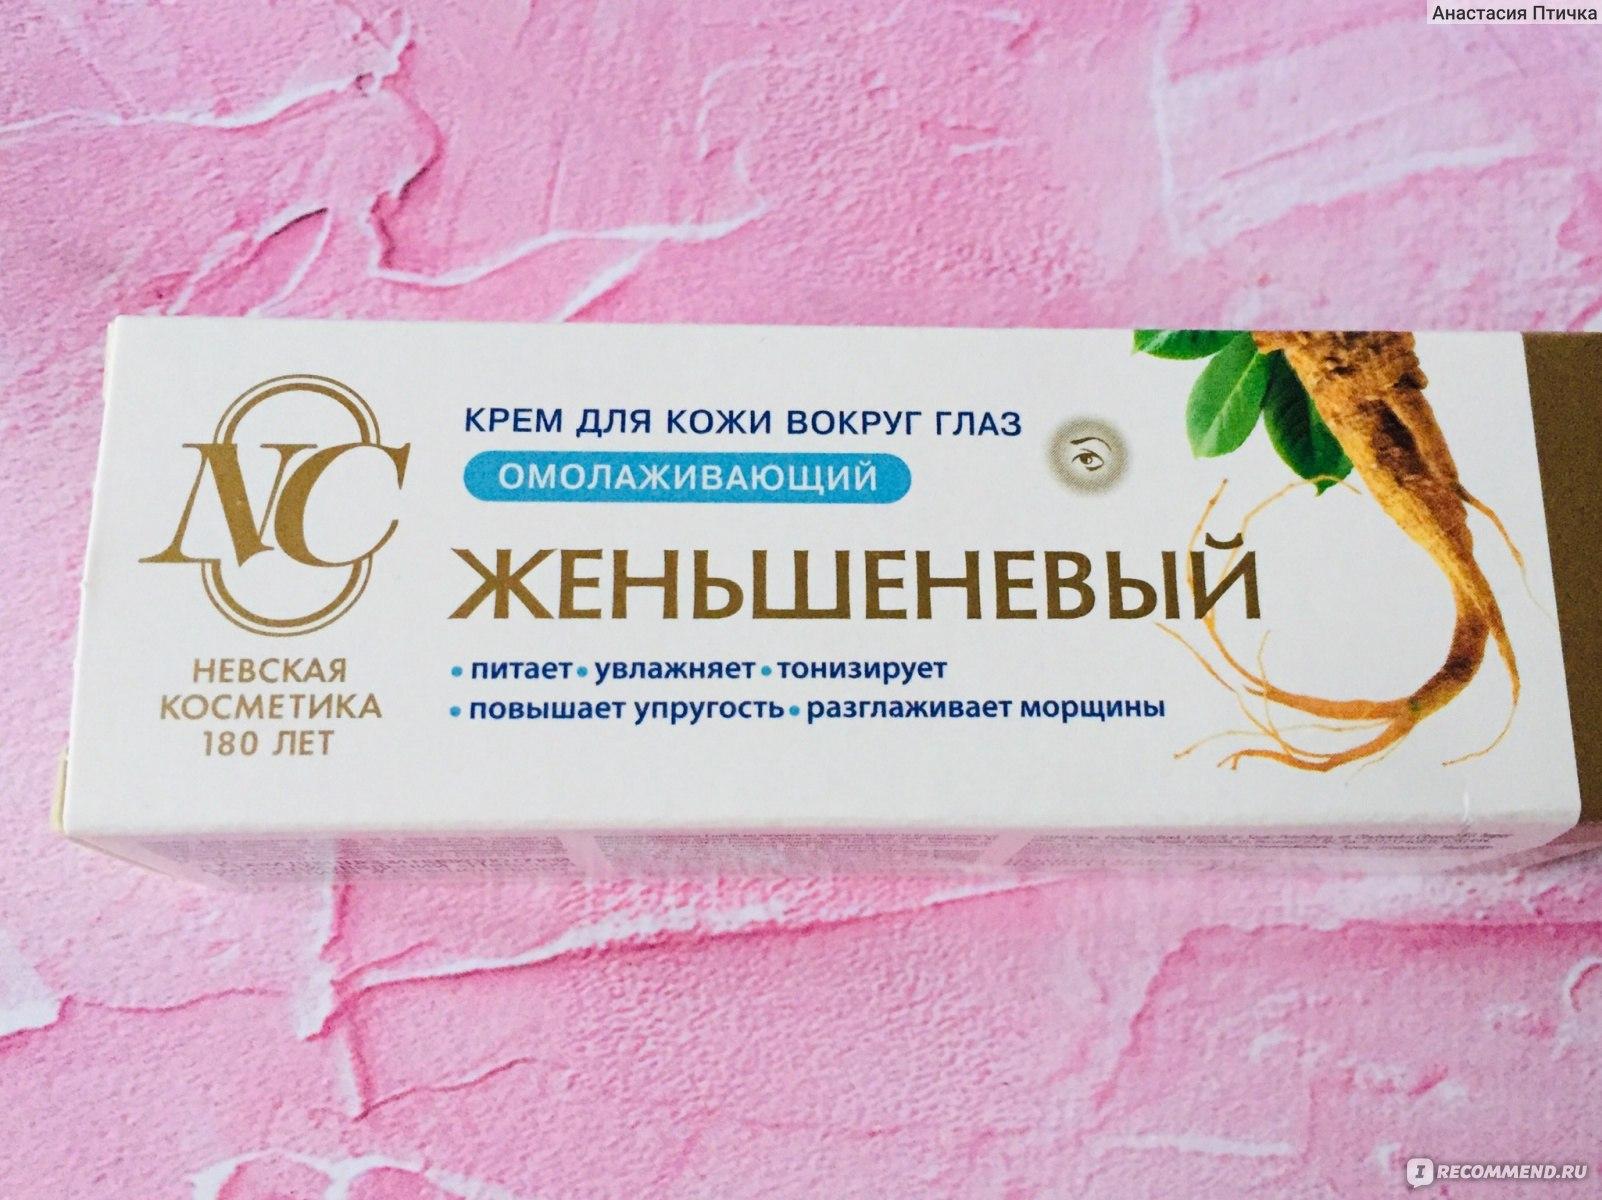 Невская косметика где купить в харькове купить косметику zoeva